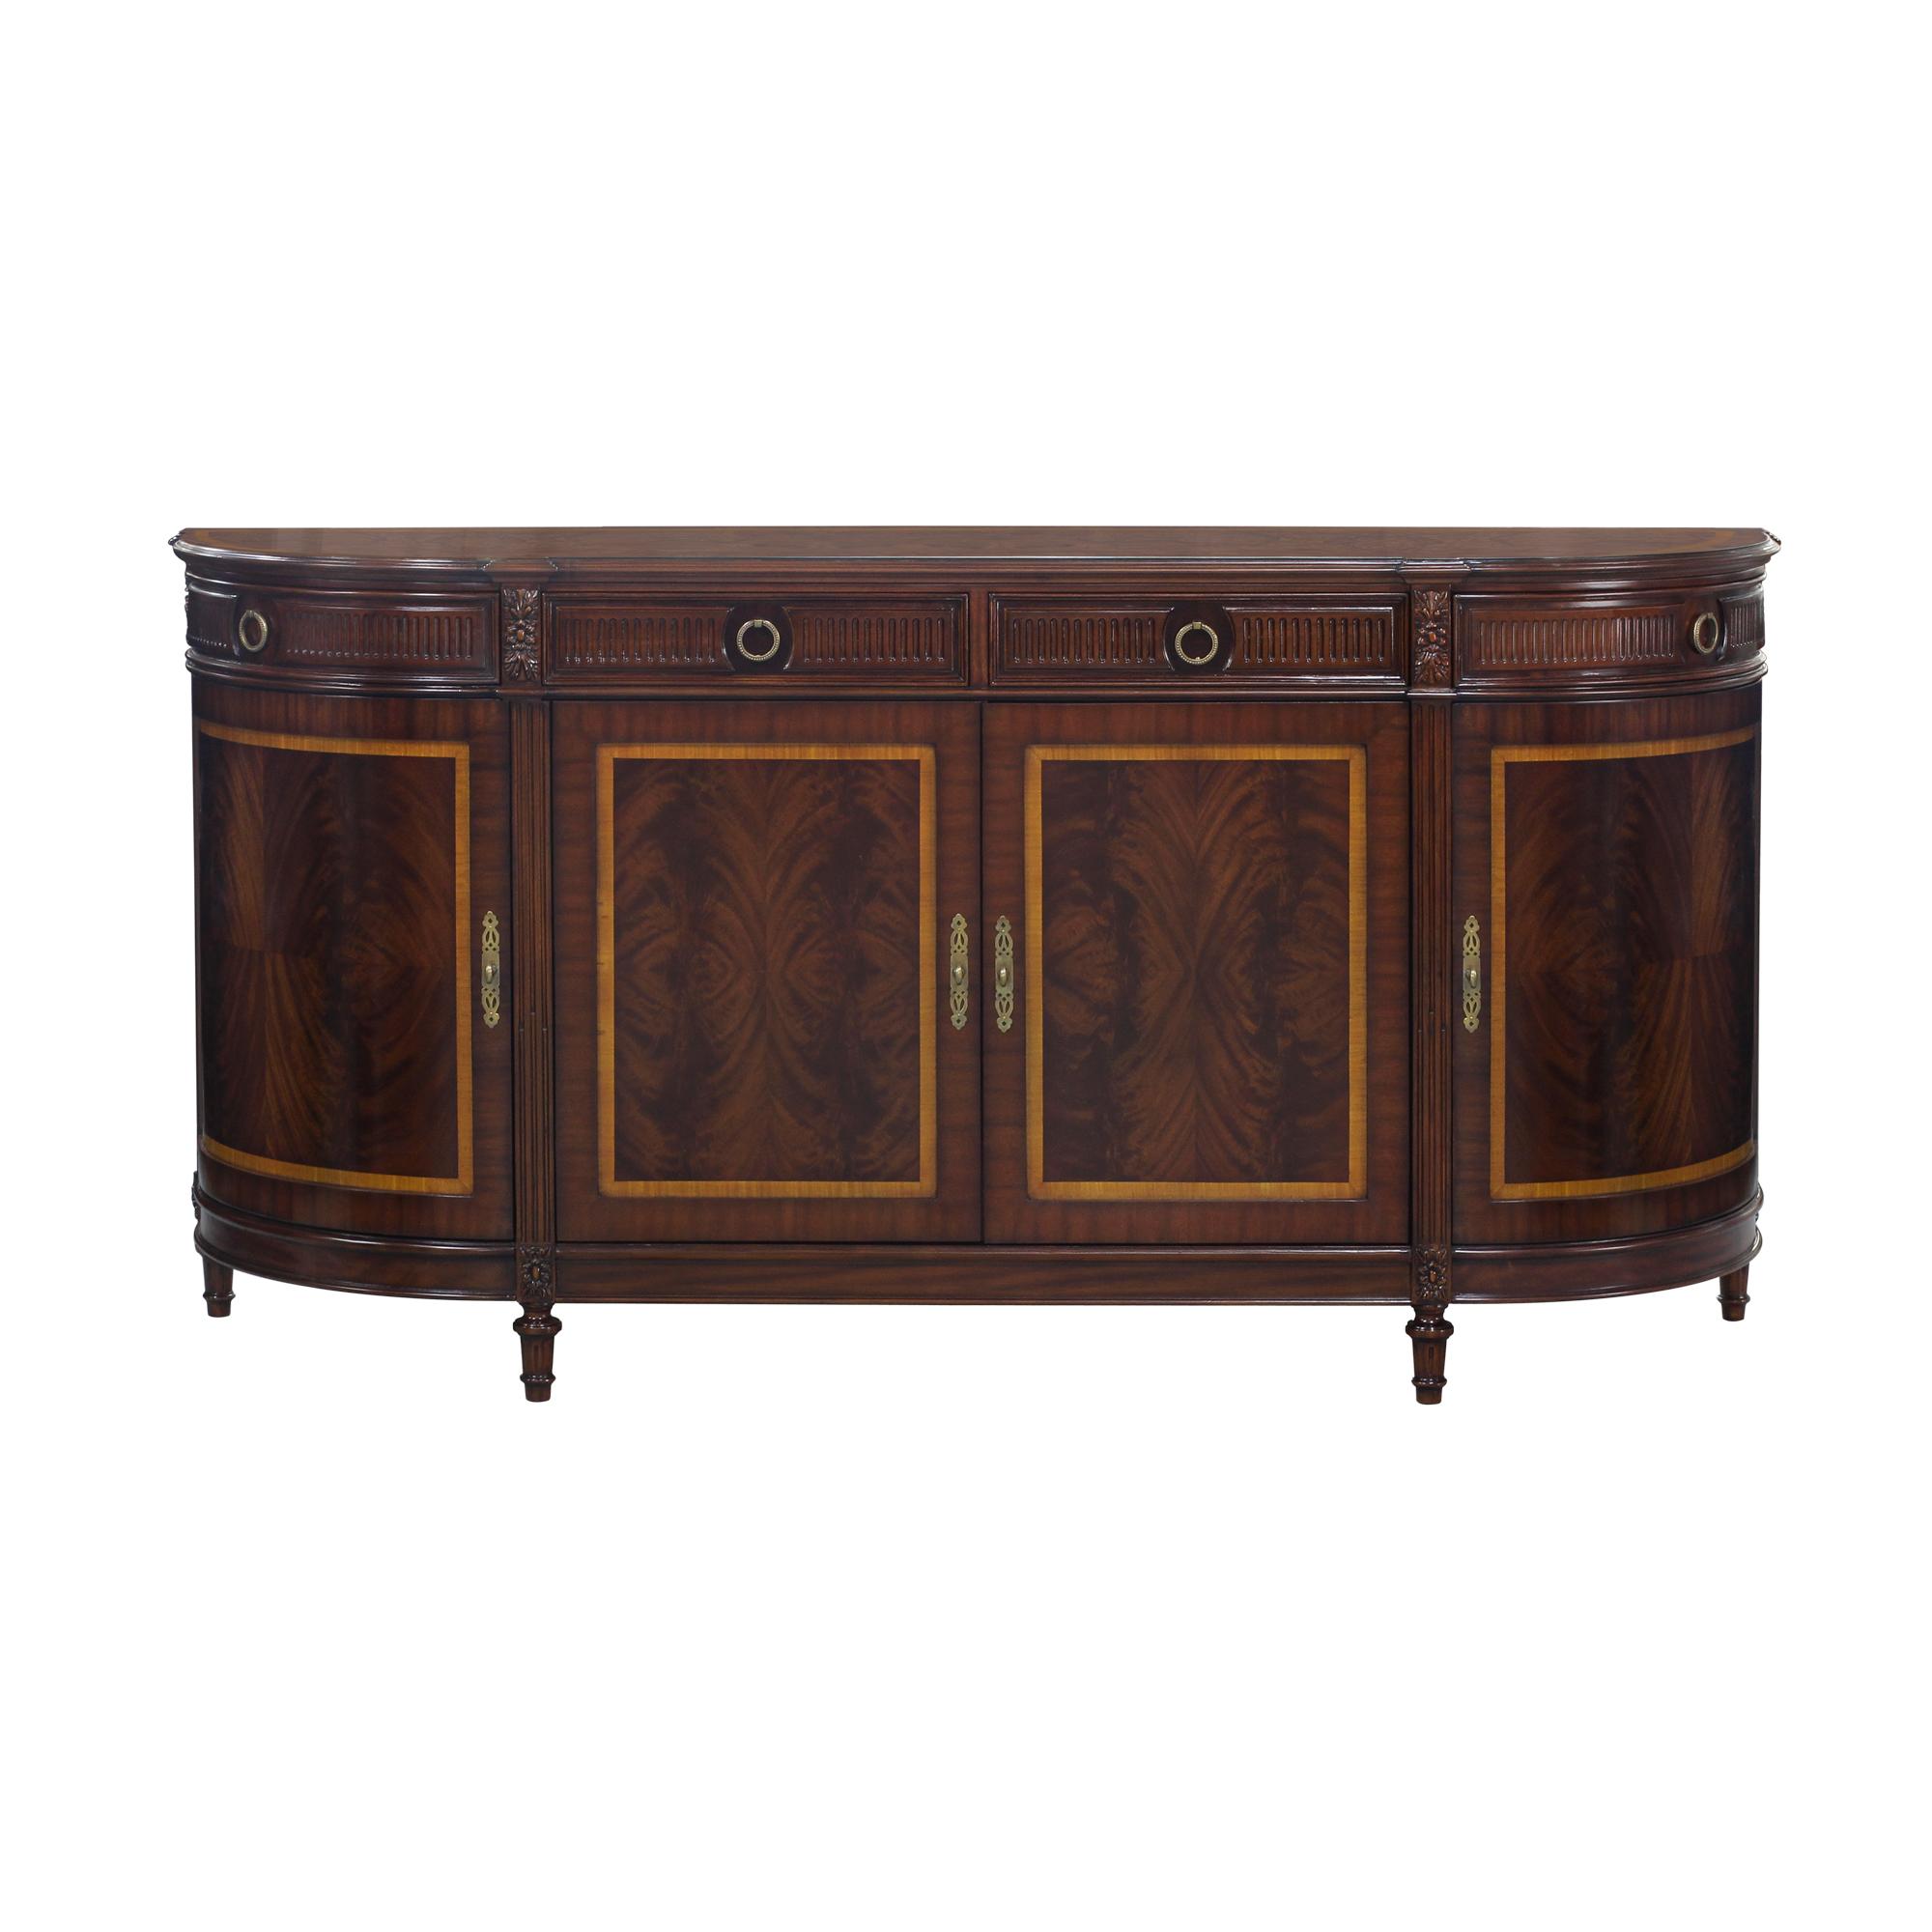 34463F---Demilune-Sideboard-Swirl,-EM-mah-wood-&-swirl-veneer,-polish-hw-(1)